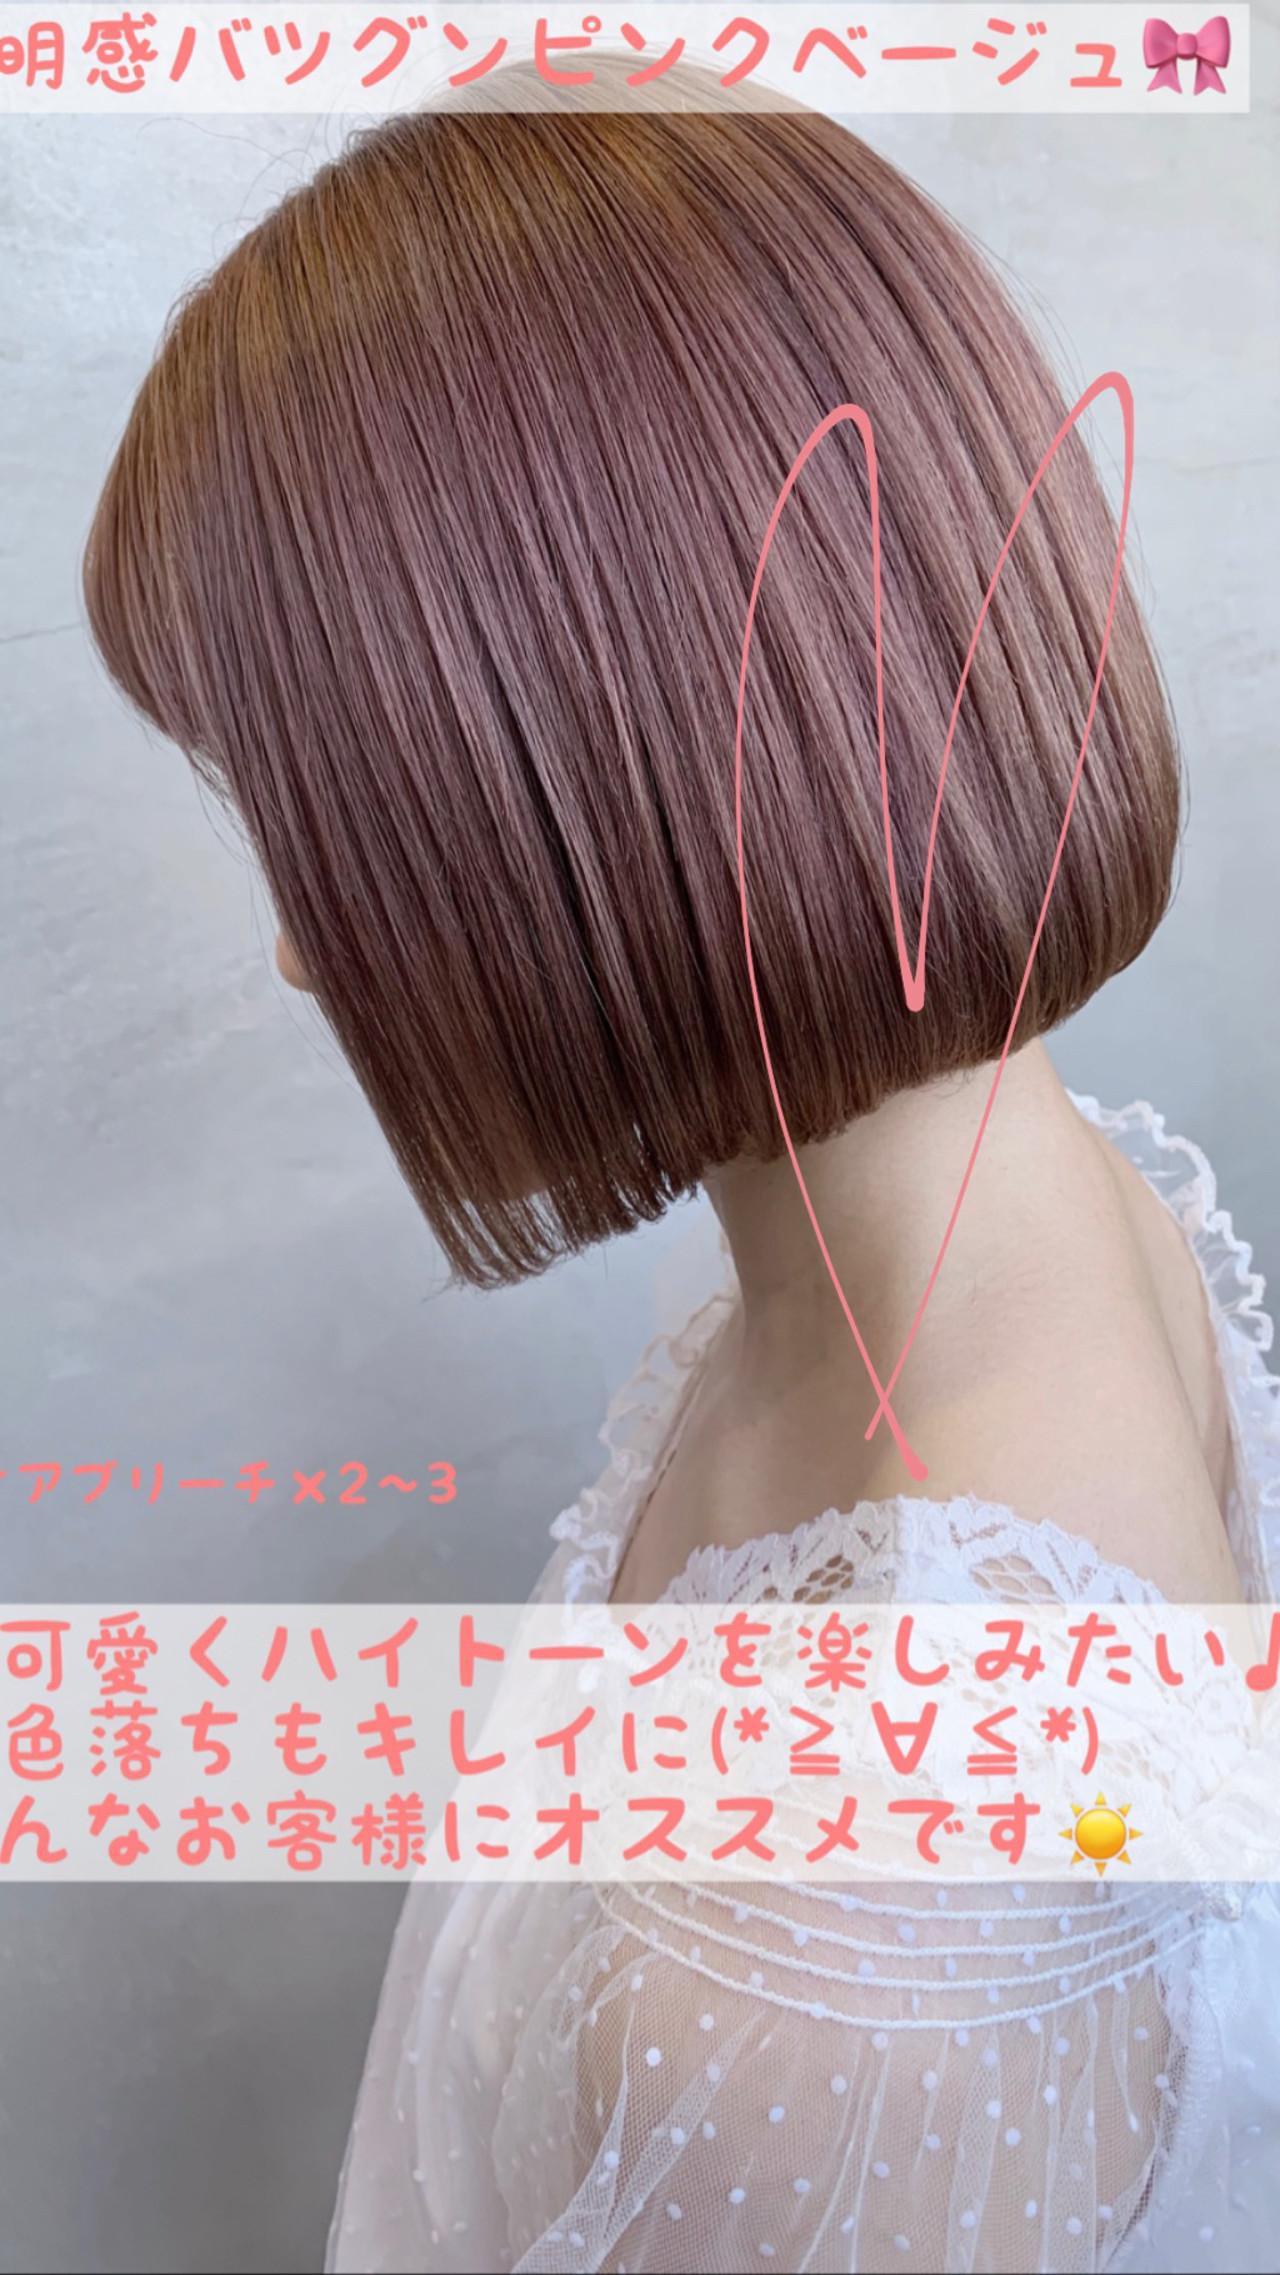 ミルクティー ブリーチ ナチュラル ブリーチカラー ヘアスタイルや髪型の写真・画像